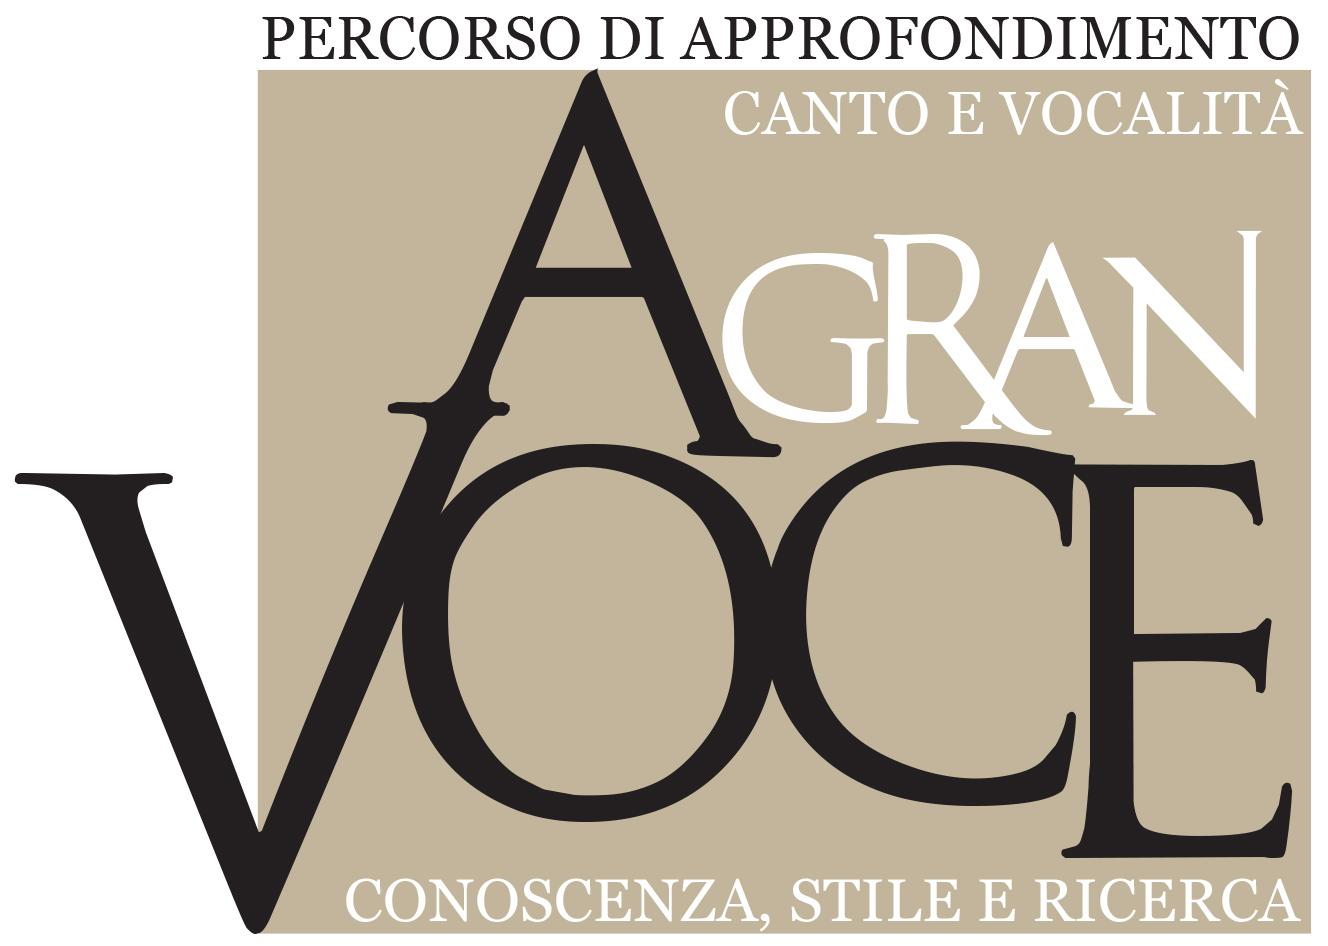 A gran voce_logo 2016_select